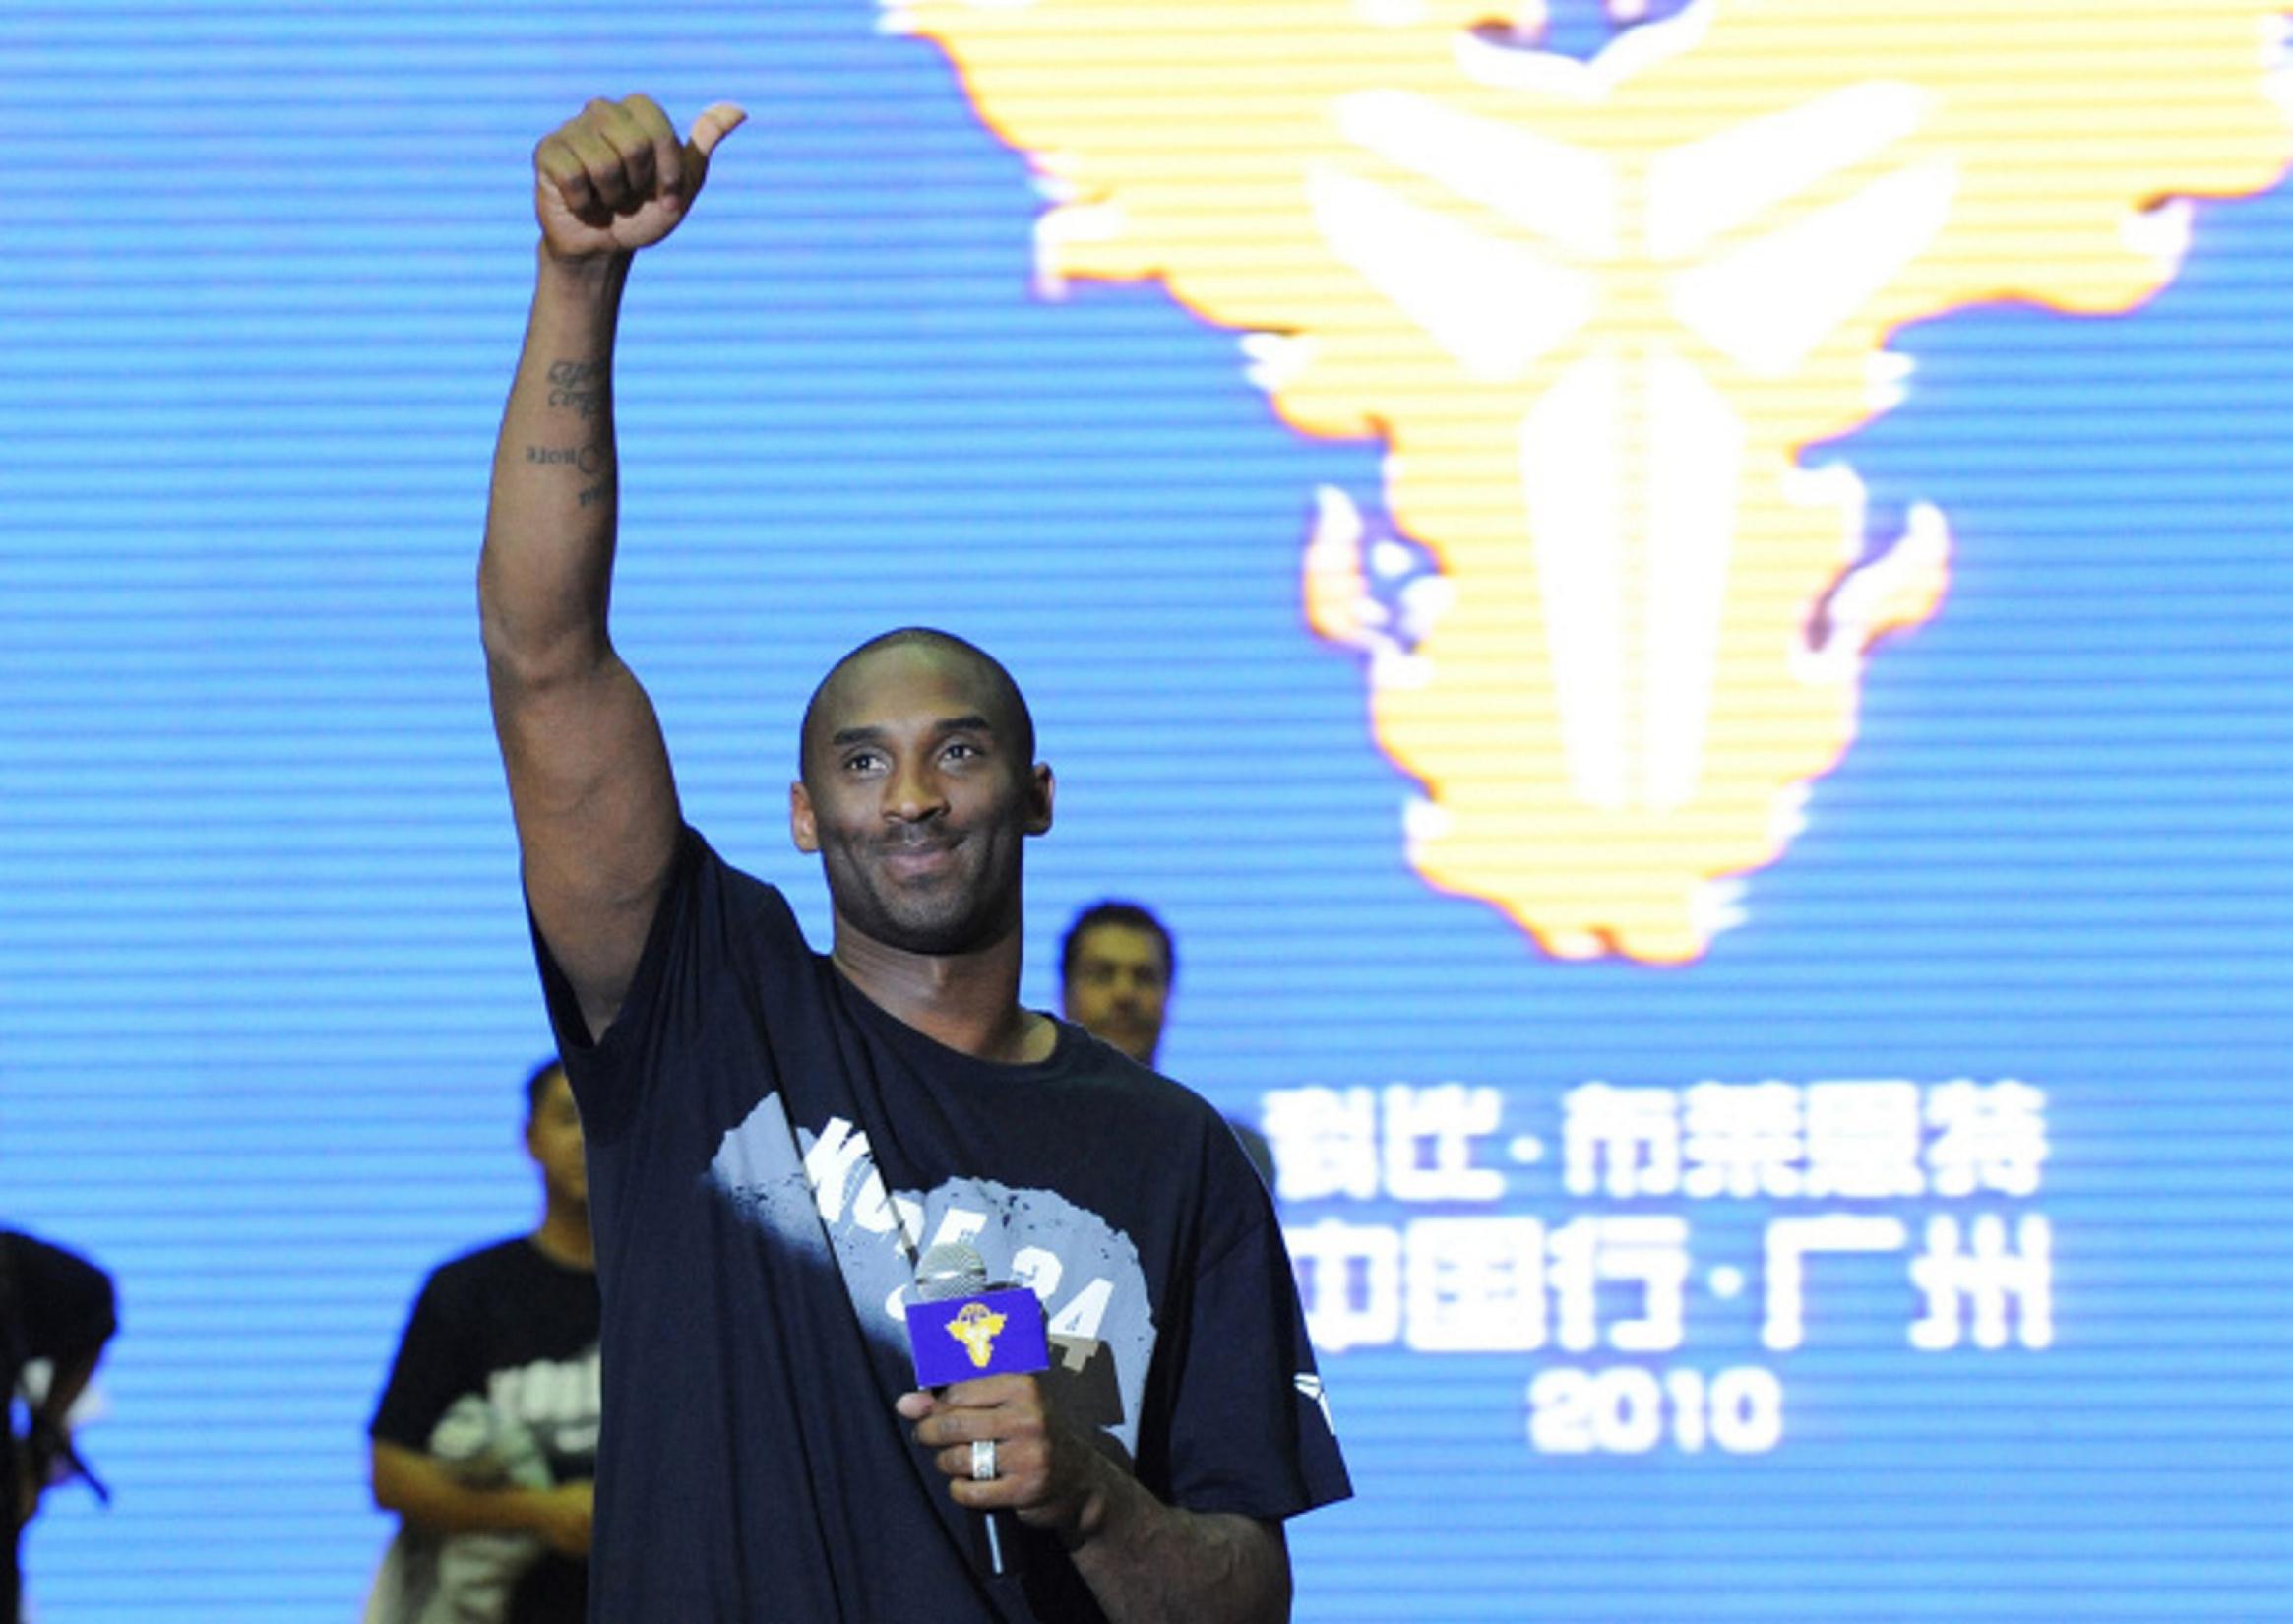 Recuerdan a Kobe Bryant en almuerzo de nominados al Oscar